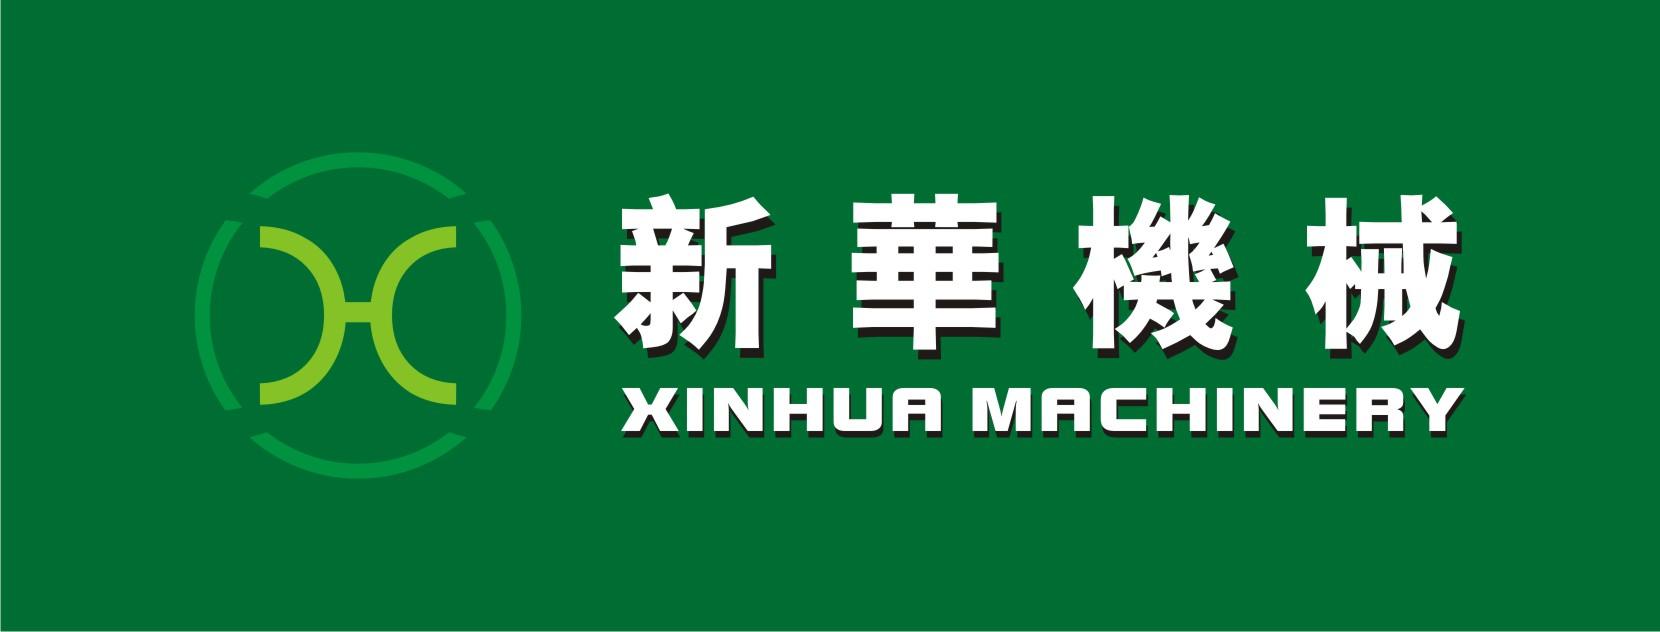 汕头市新华包装机械厂有限公司